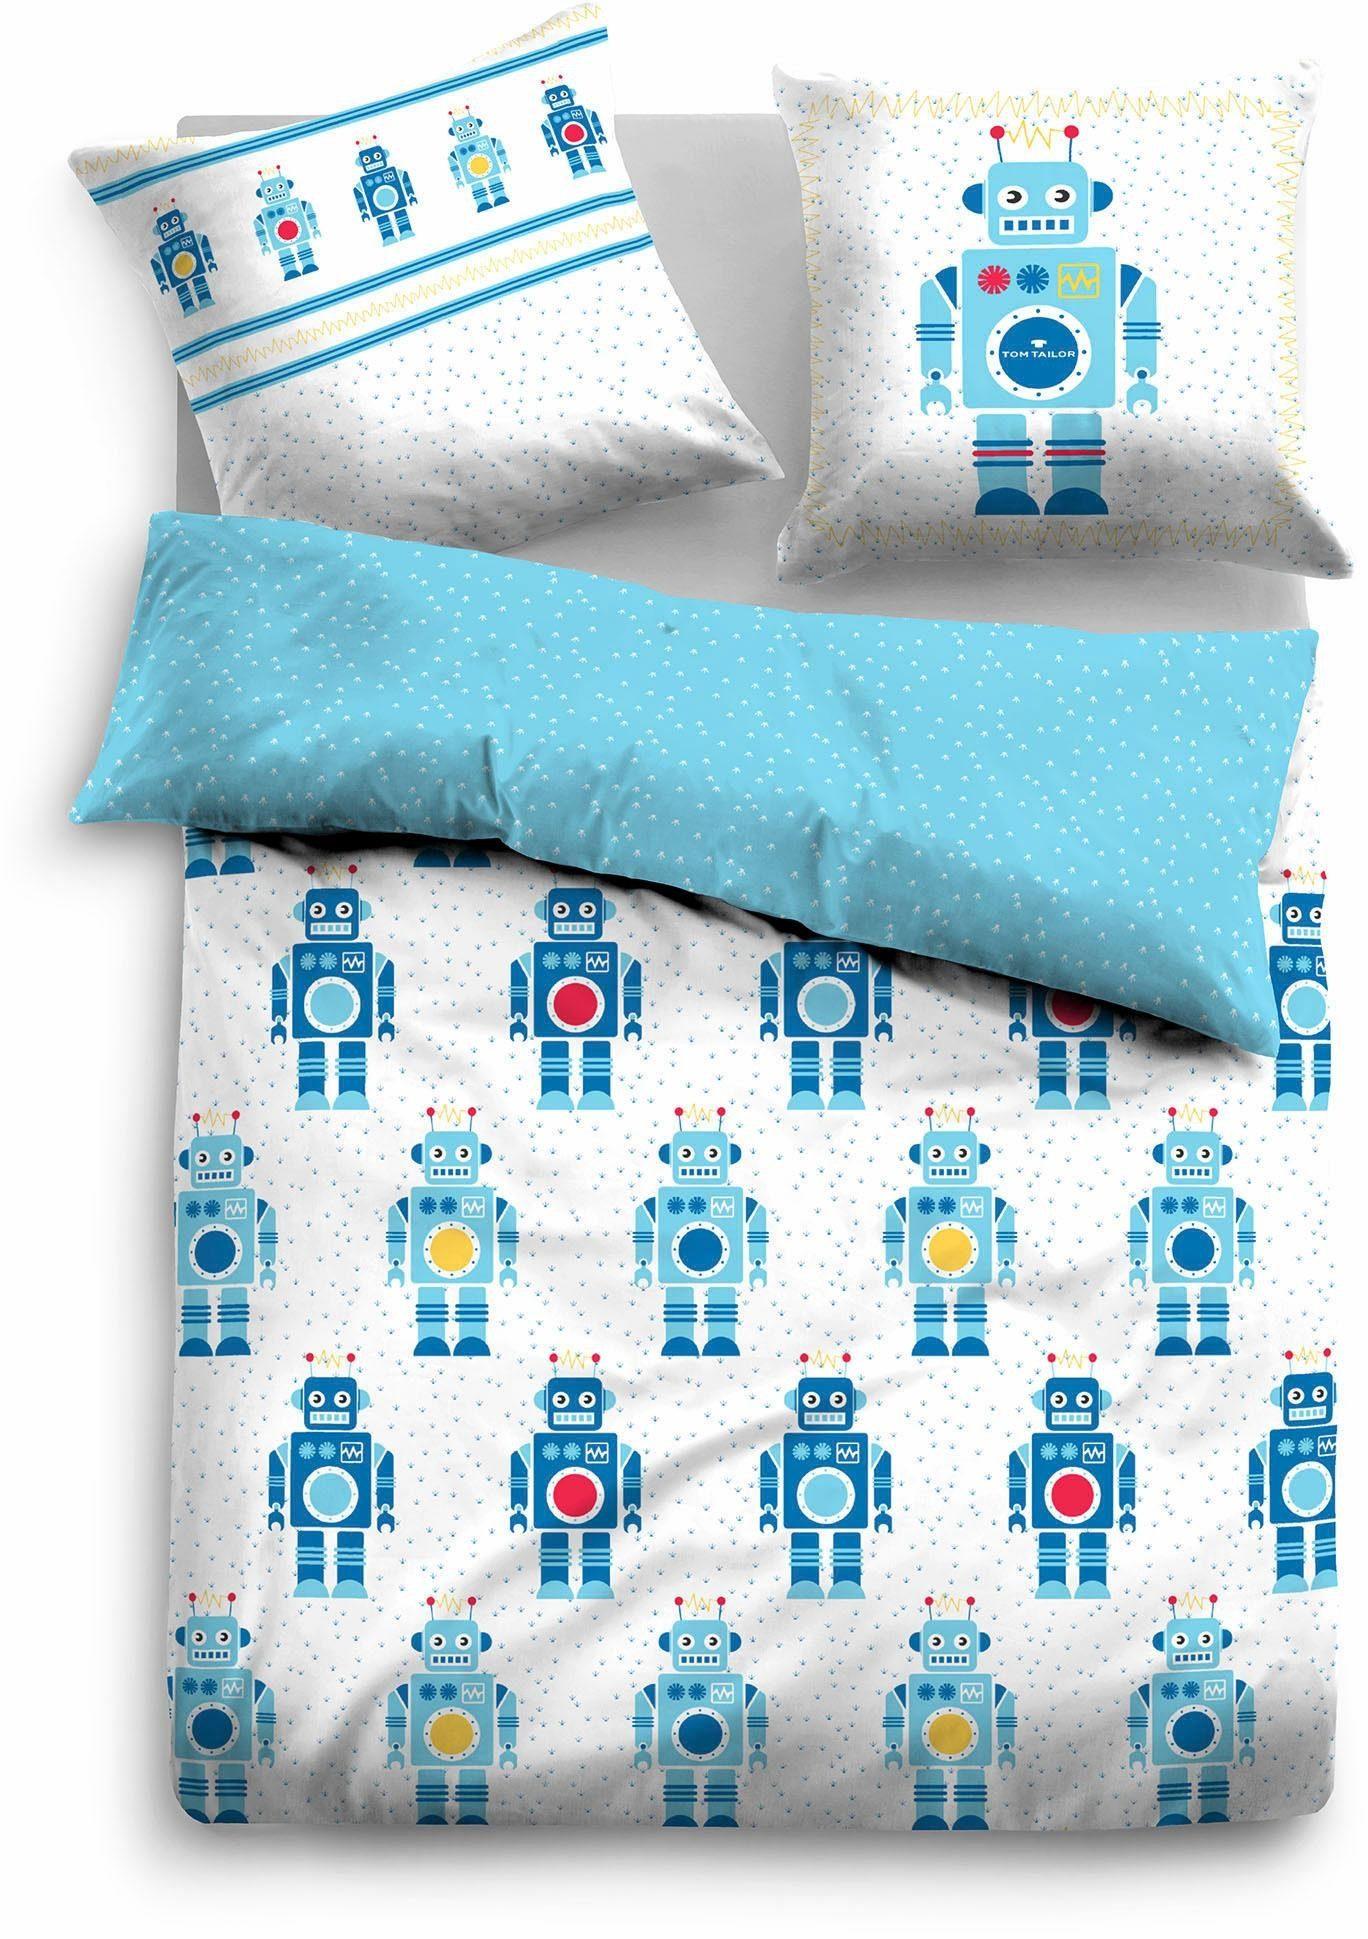 Kinderbettwäsche »Beni«, Tom Tailor, mit Robotern